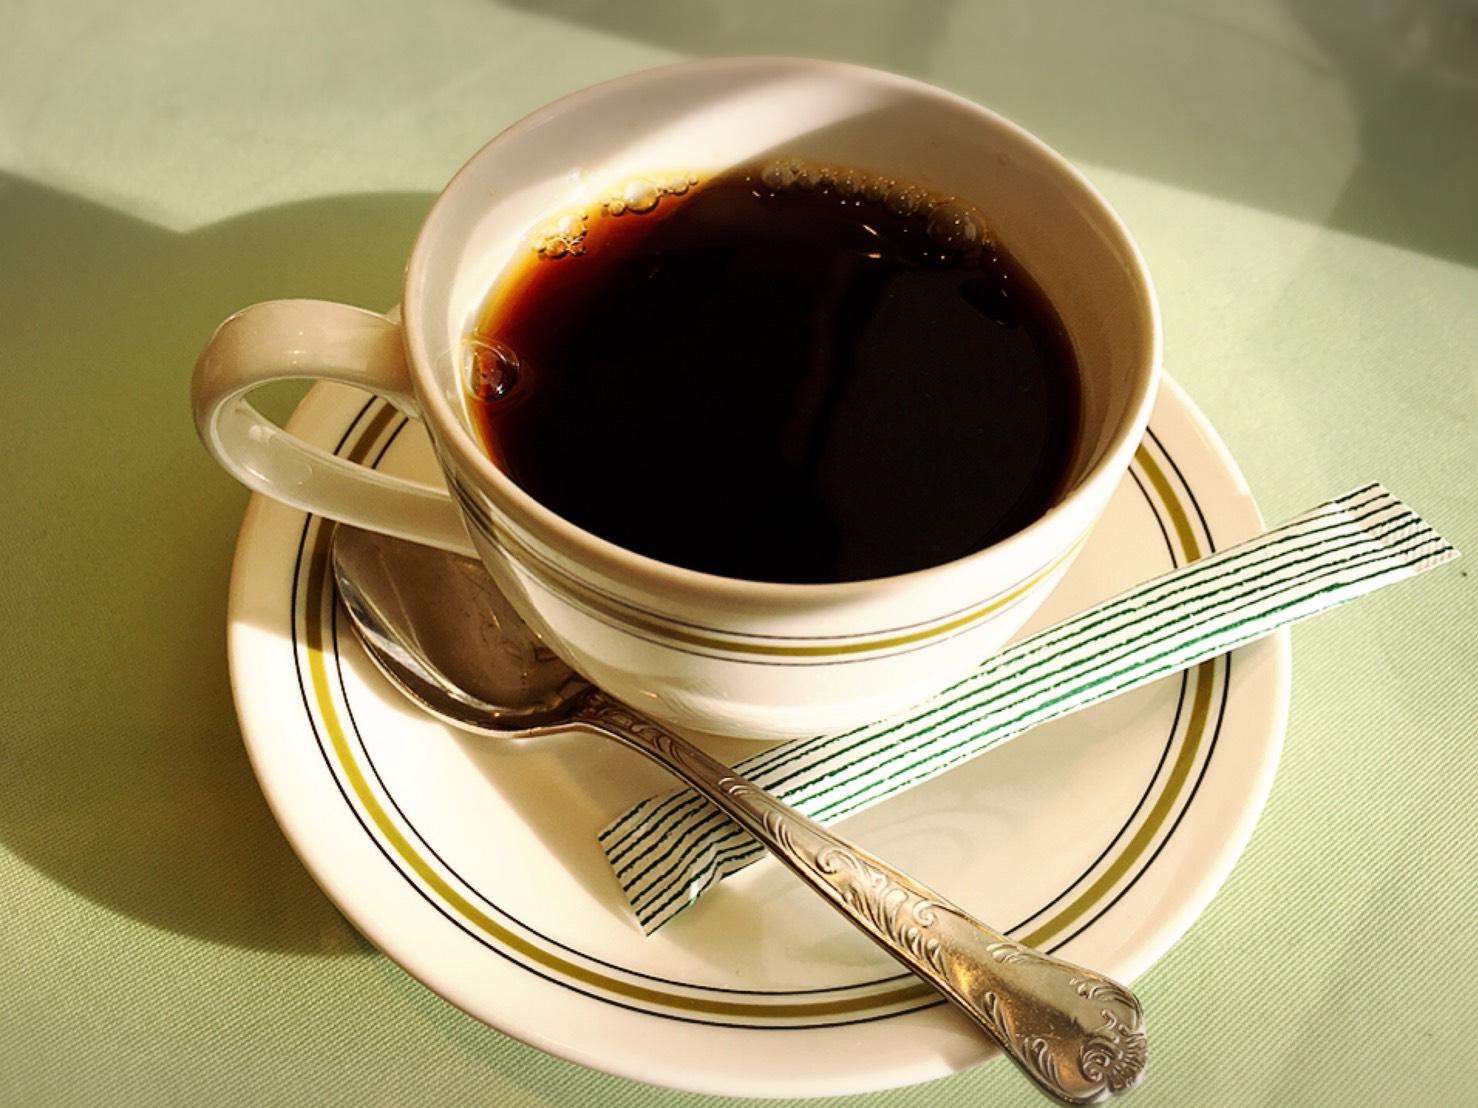 【池袋駅】創業大正9年。池袋の堂々たる名店で昔懐かし本格洋食を味わう「タカセ 池袋本店」の食後のコーヒー